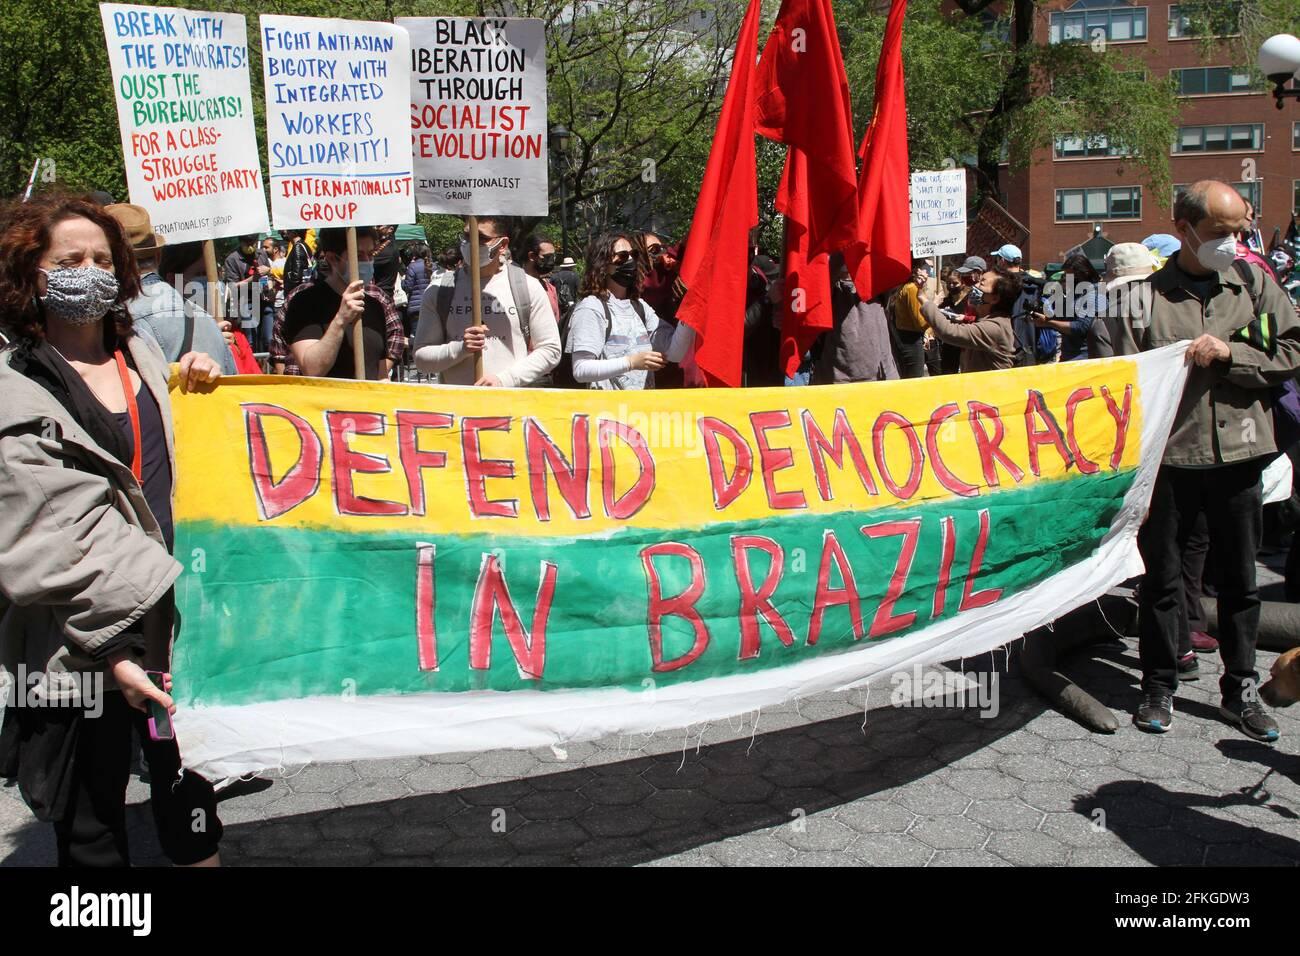 1. Mai 2021, New York, New York, USA: NEW YORK -Kundgebungen und Proteste am 1. Mai an verschiedenen Orten in Manhattan, von der Sicherheit der Arbeitnehmer, Marihuana, Gerechtigkeit, der Entfinanzierung der NATO, freien politischen Gefangenen, viele Gruppen gehen auf die Straße, um zu protestieren (Foto: © Bruce Cotler/ZUMA Wire) Stockfoto